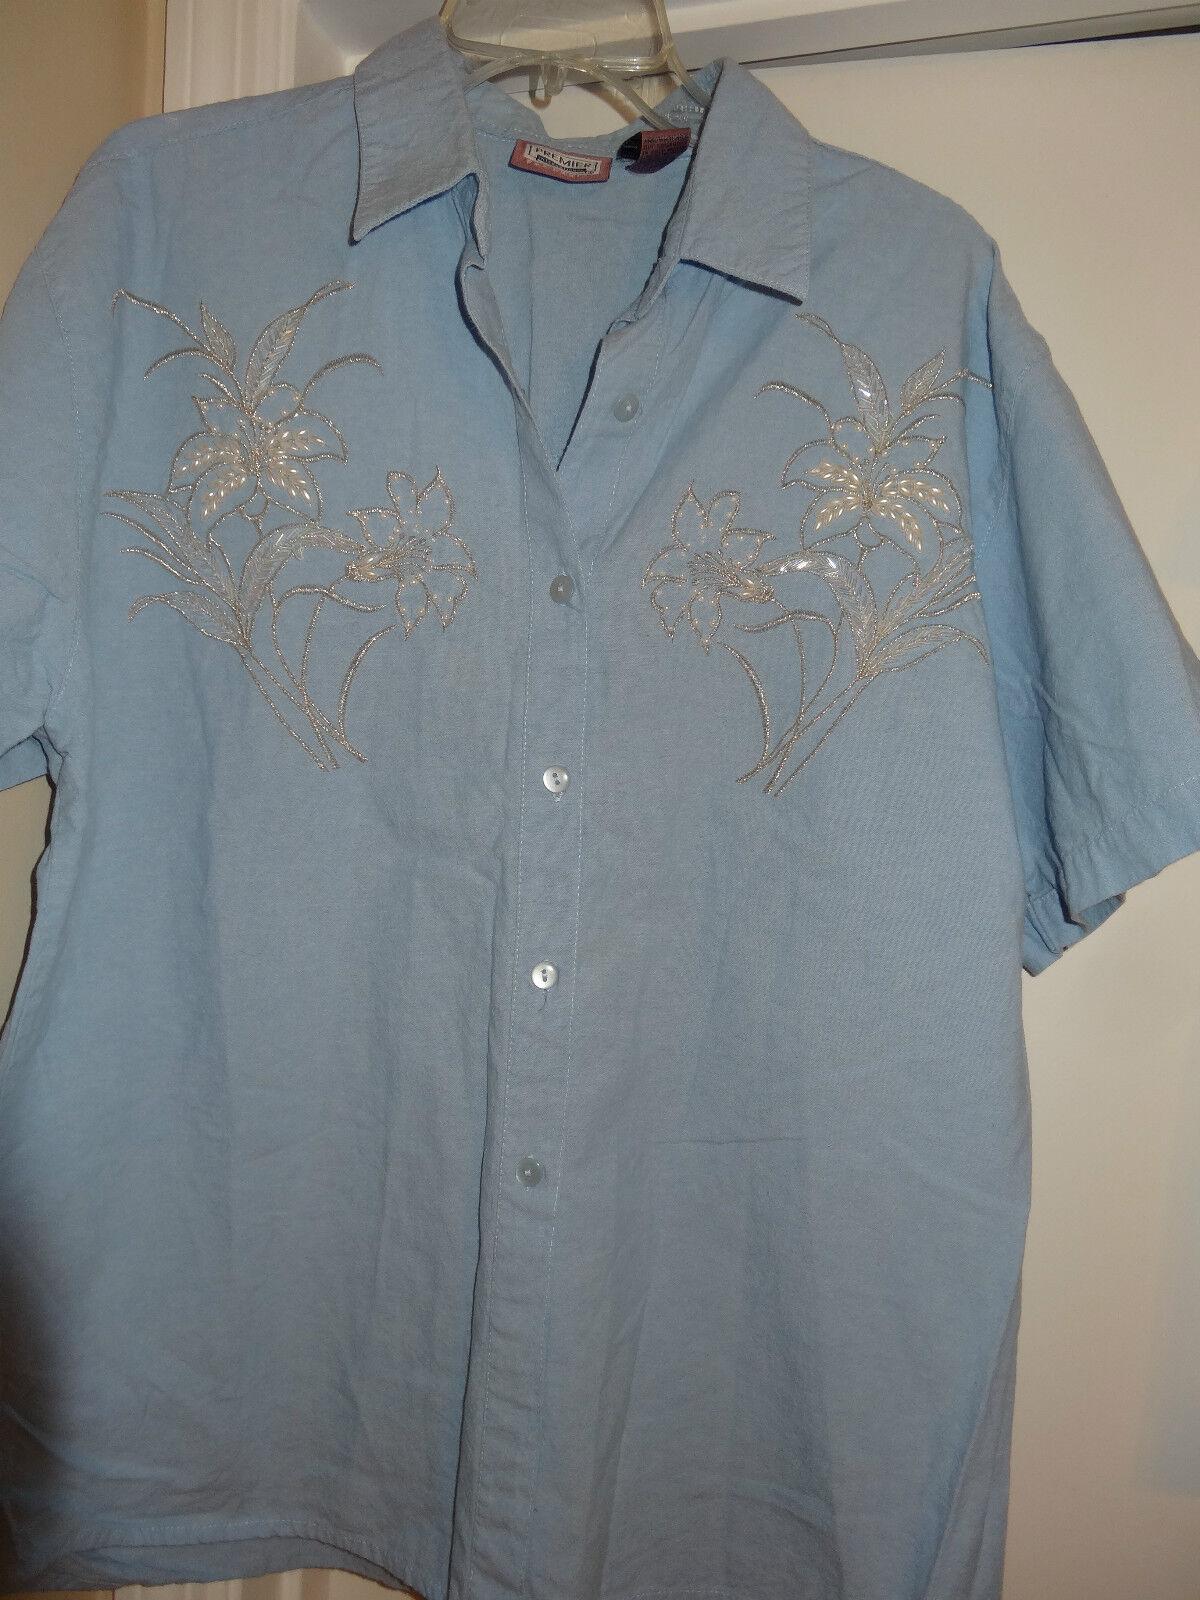 PREMIER INTERNATIONAL  Lite Blau Short Sleeve Top  Button Front w Collar Größe L